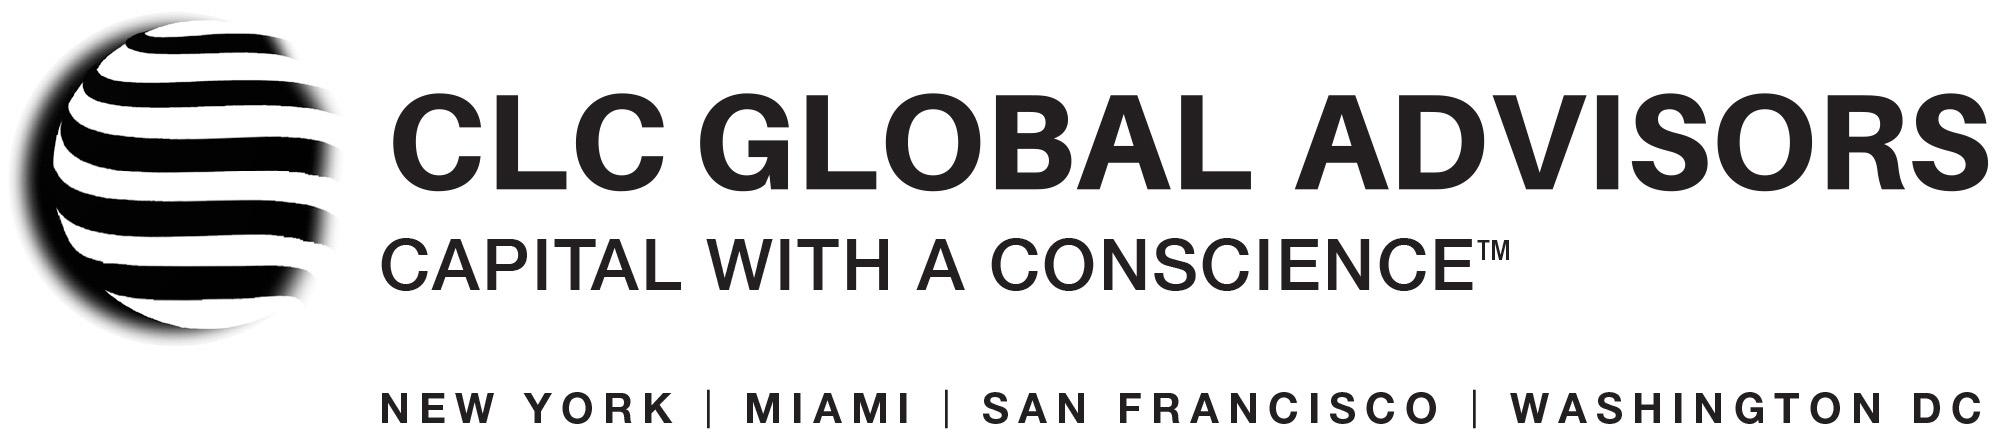 CLC_Logo_Final-1.jpg